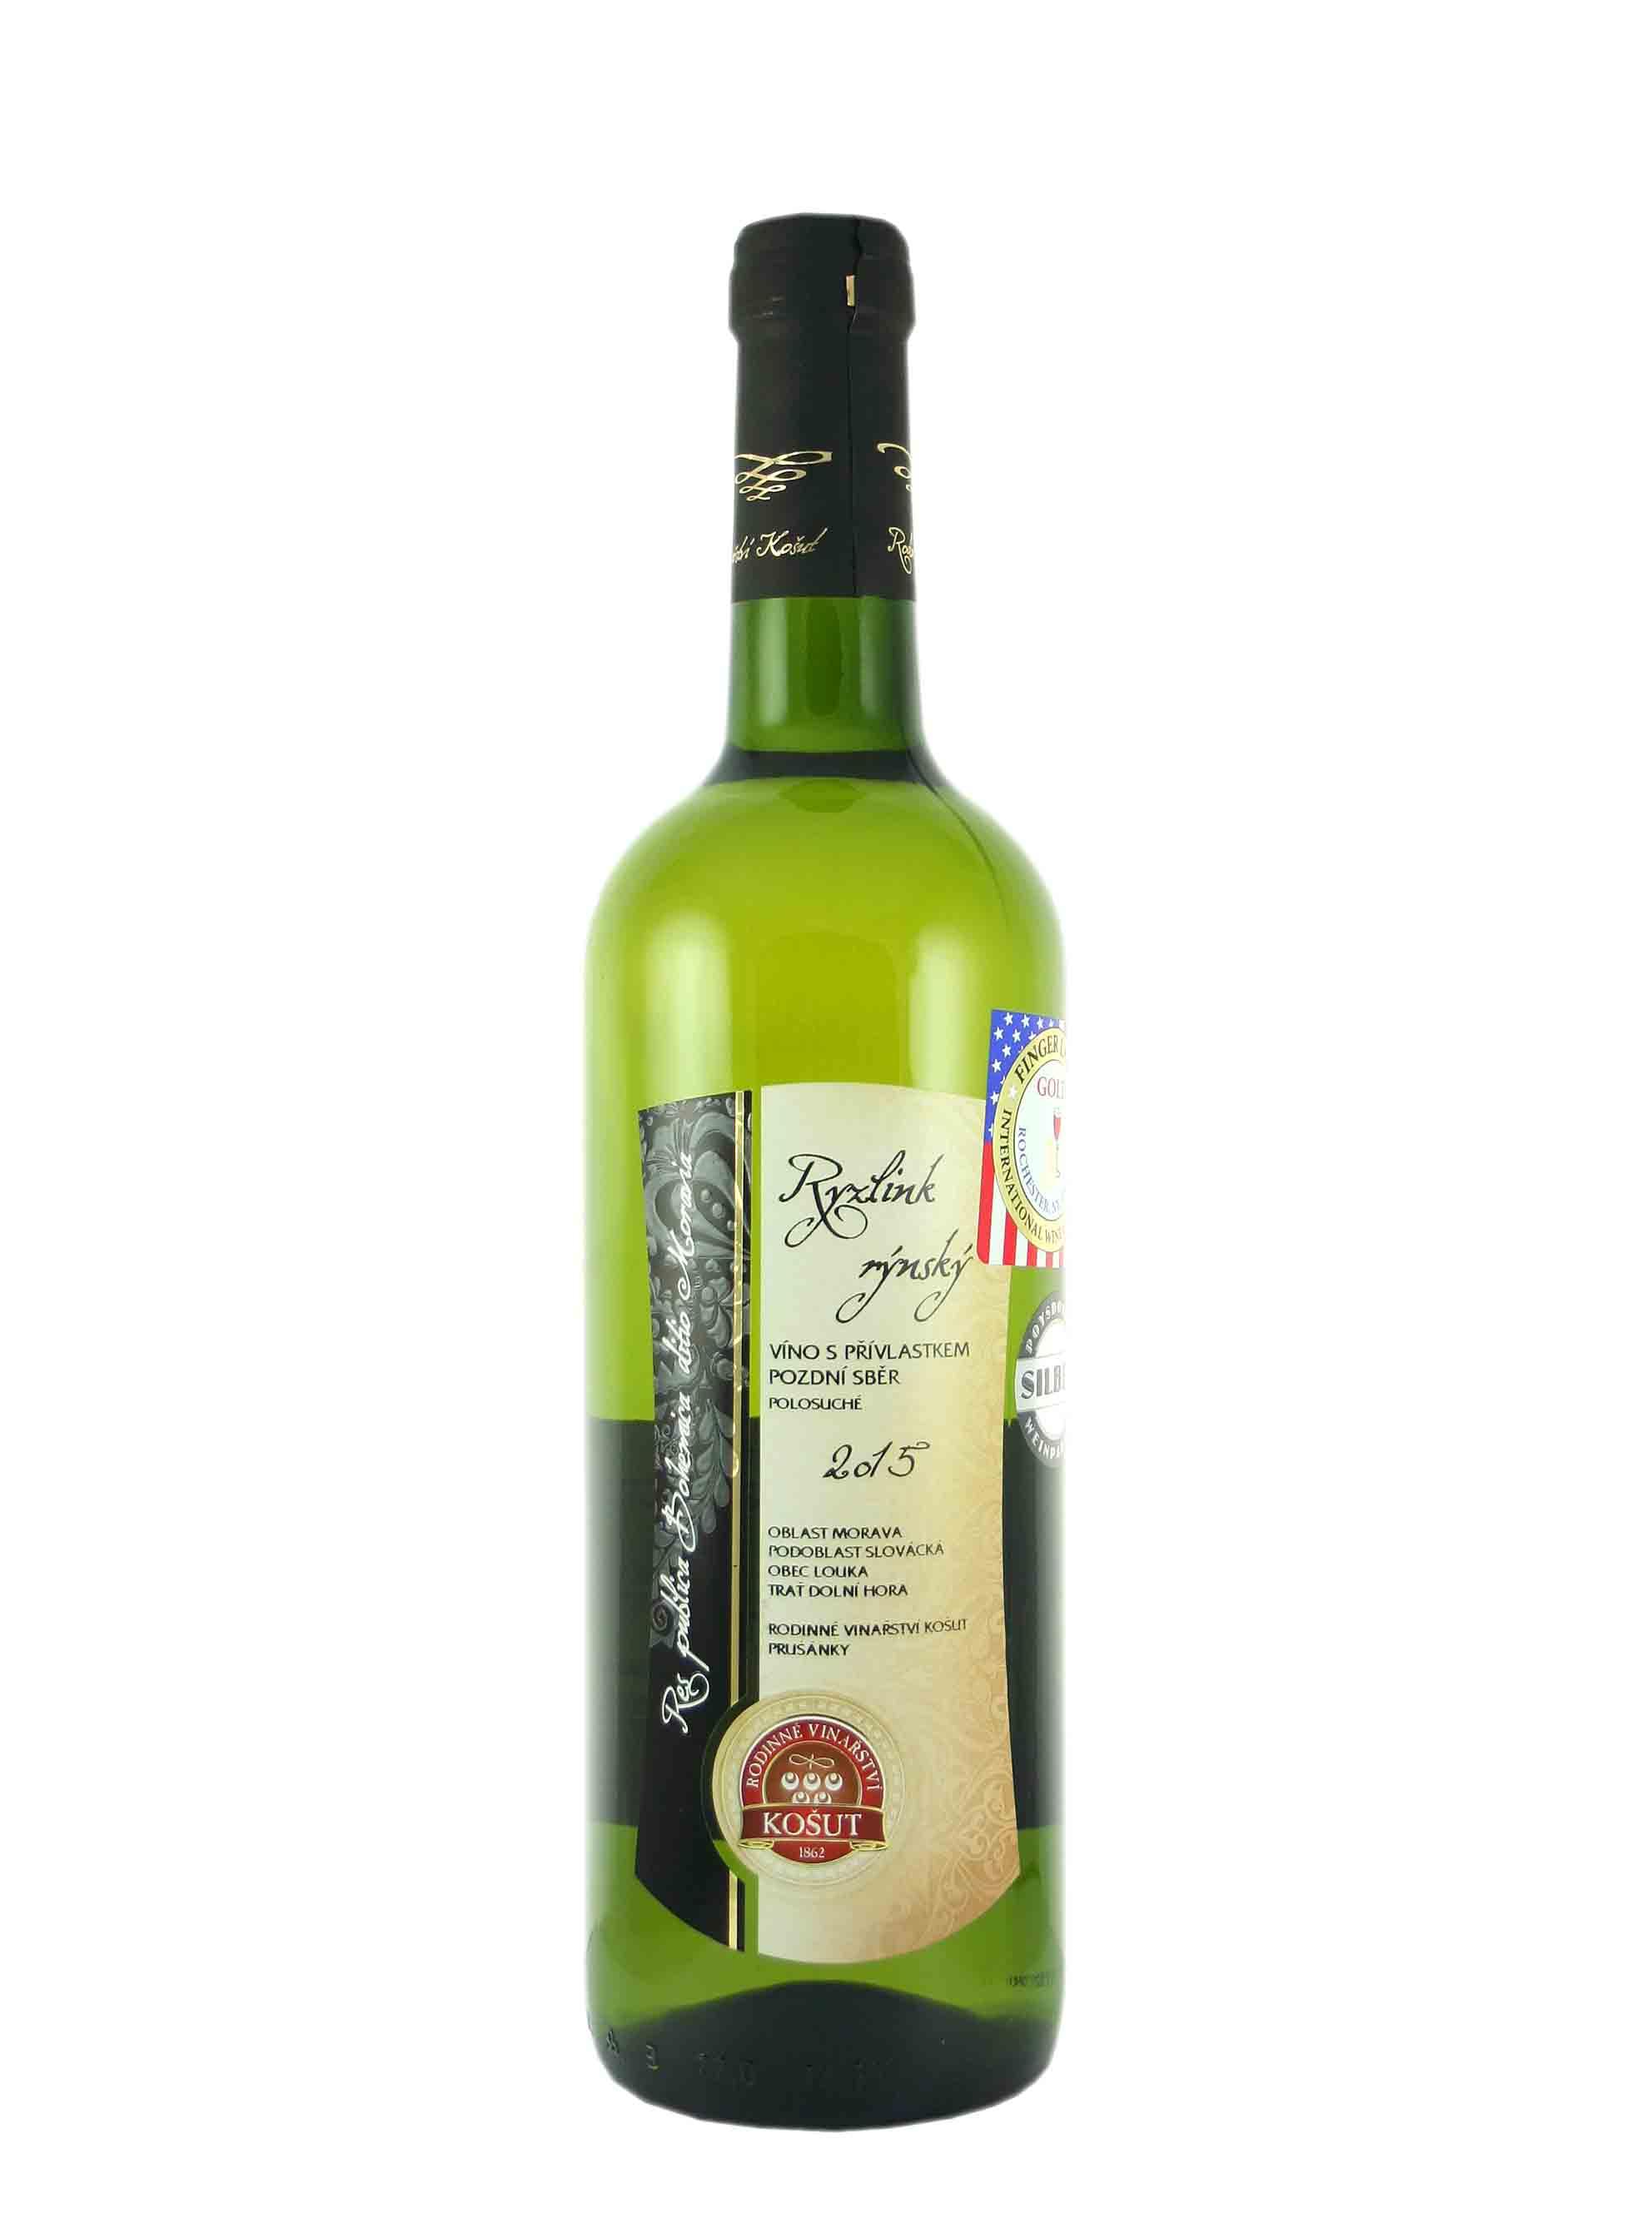 Ryzlink rýnský, Pozdní sběr, 2015, Vinařství Košut, 0.75 l